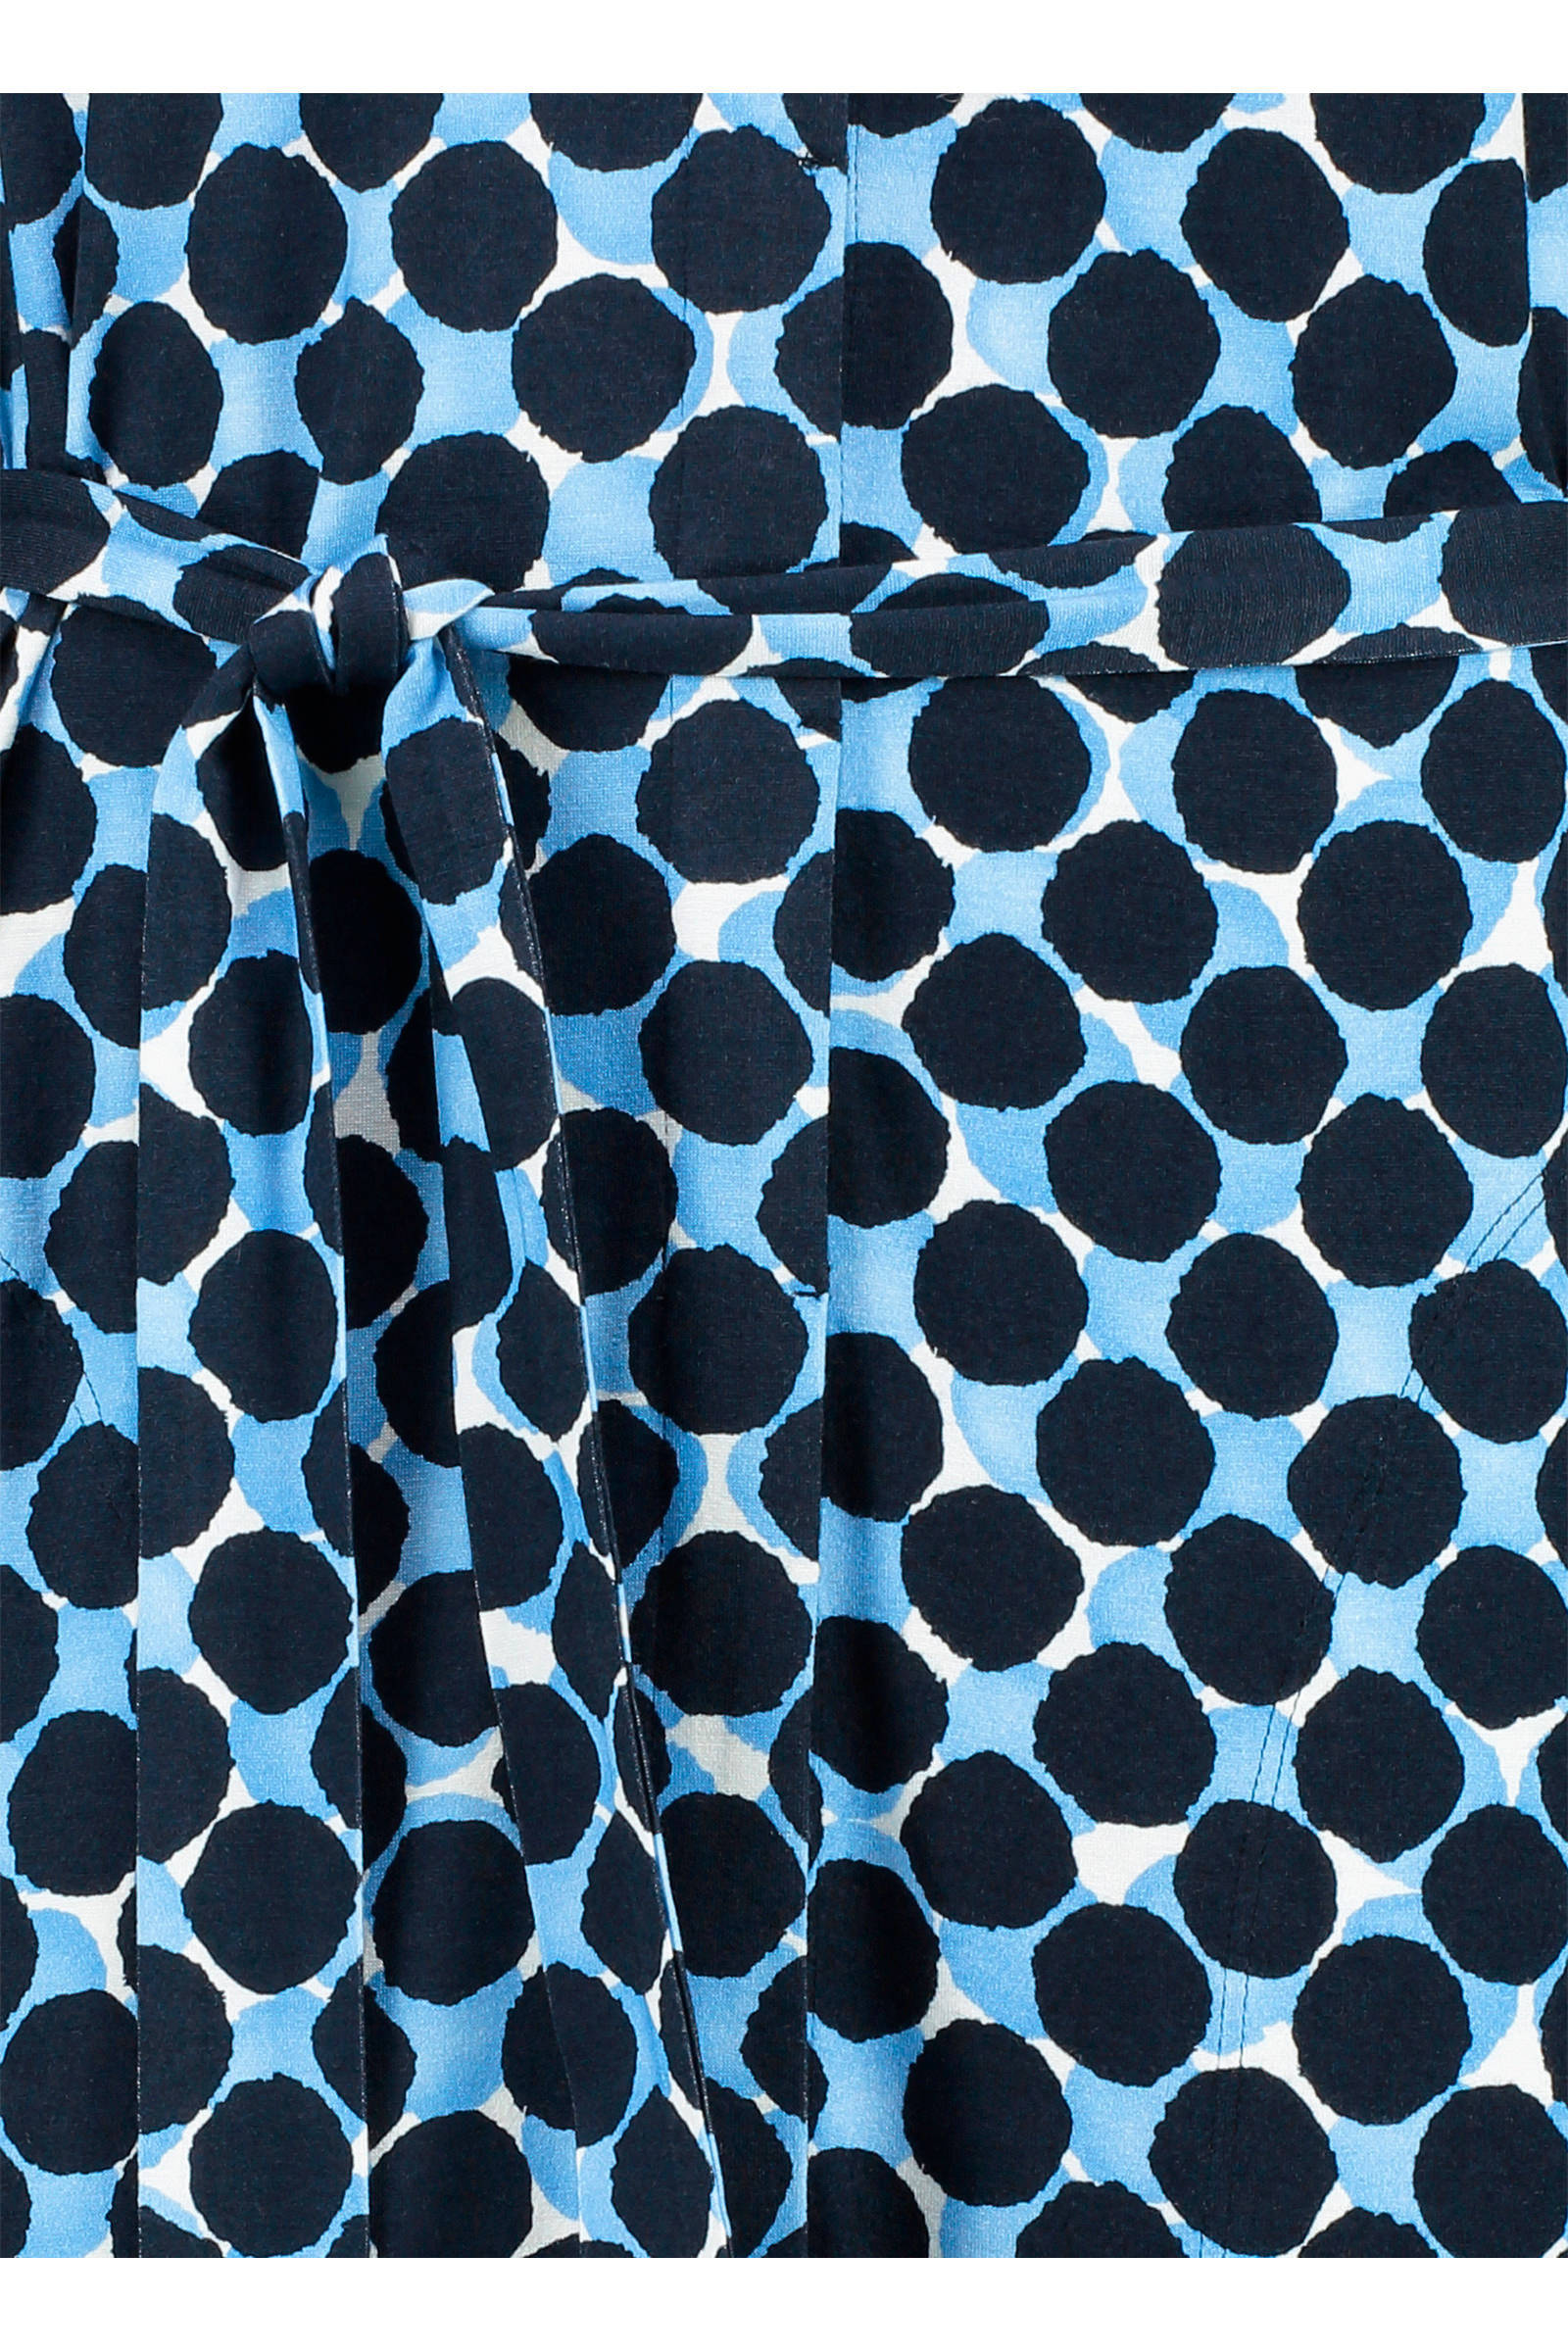 Jurken van Wehkamp|Maxi jurken Pagina 23 van 23